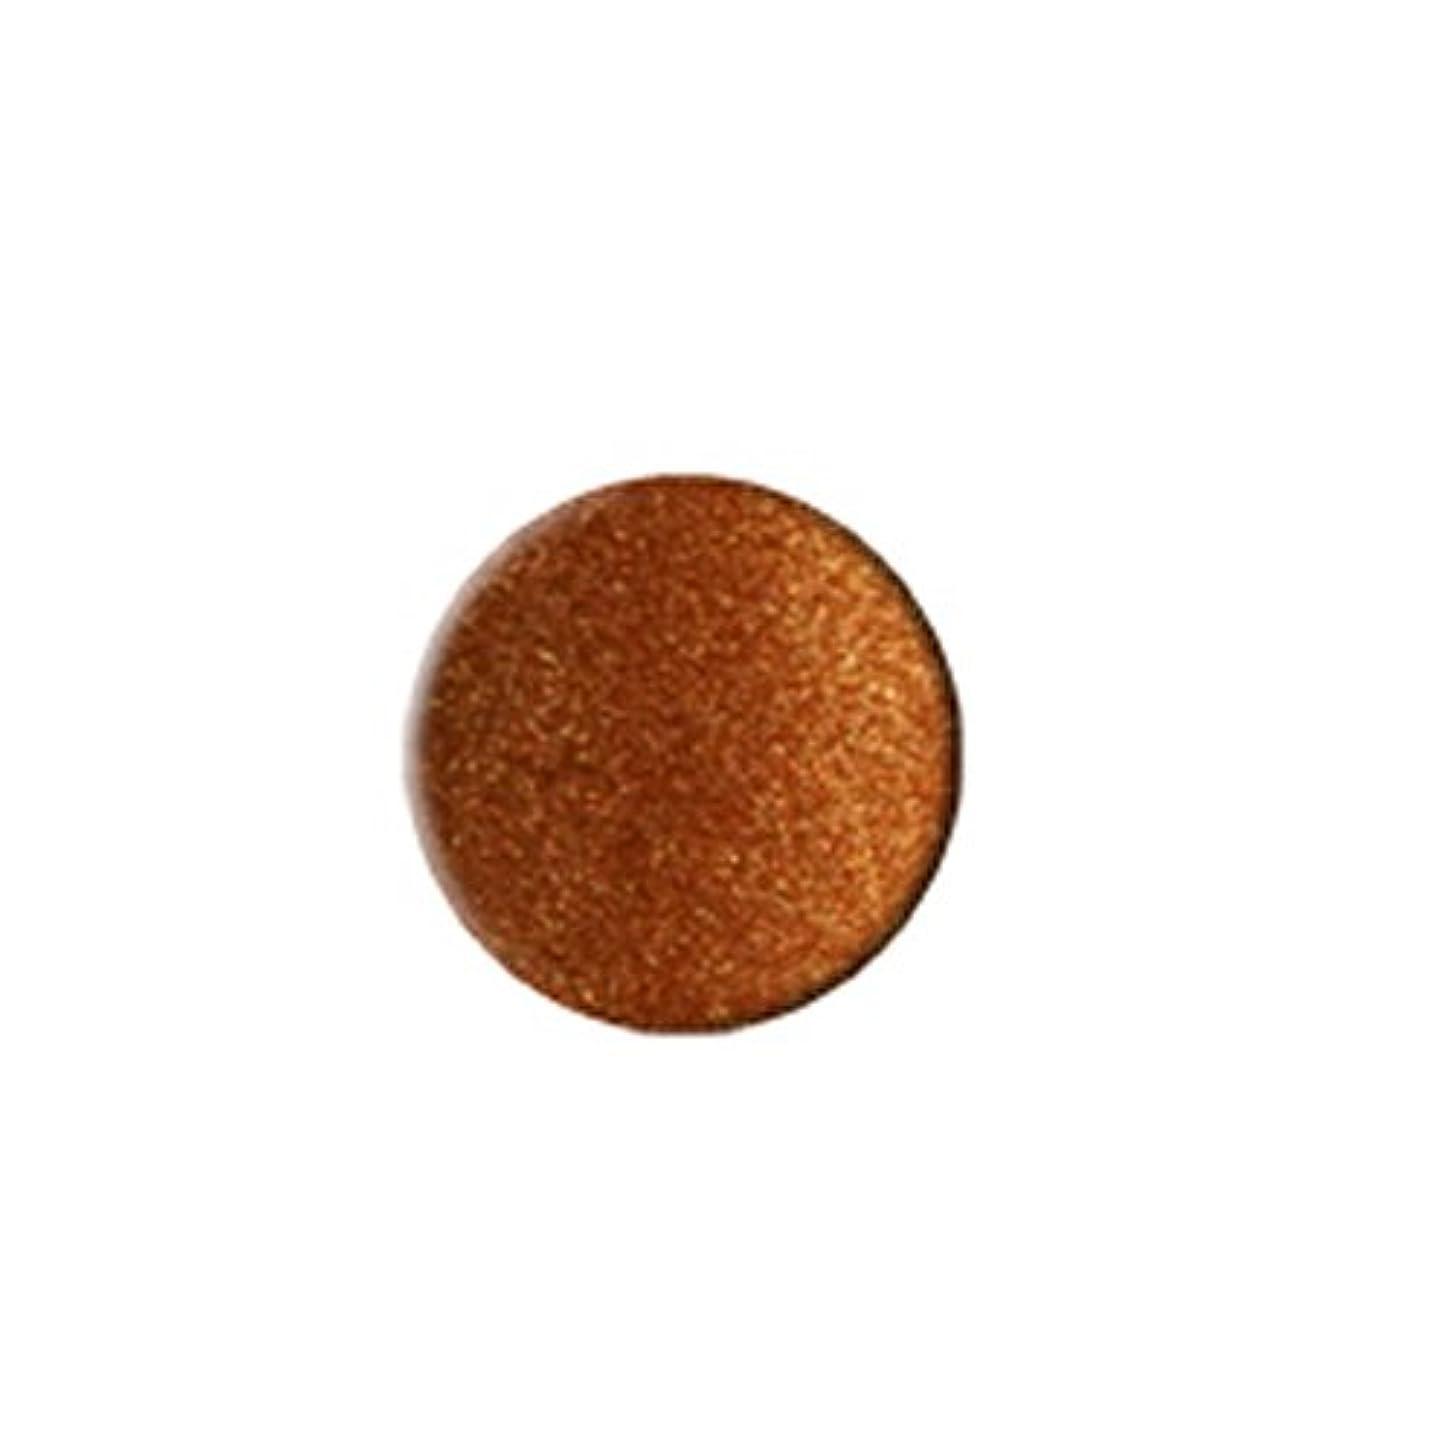 ディプロマ申し込む歩き回る(3 Pack) KLEANCOLOR Everlasting Lipstick - Oro (並行輸入品)